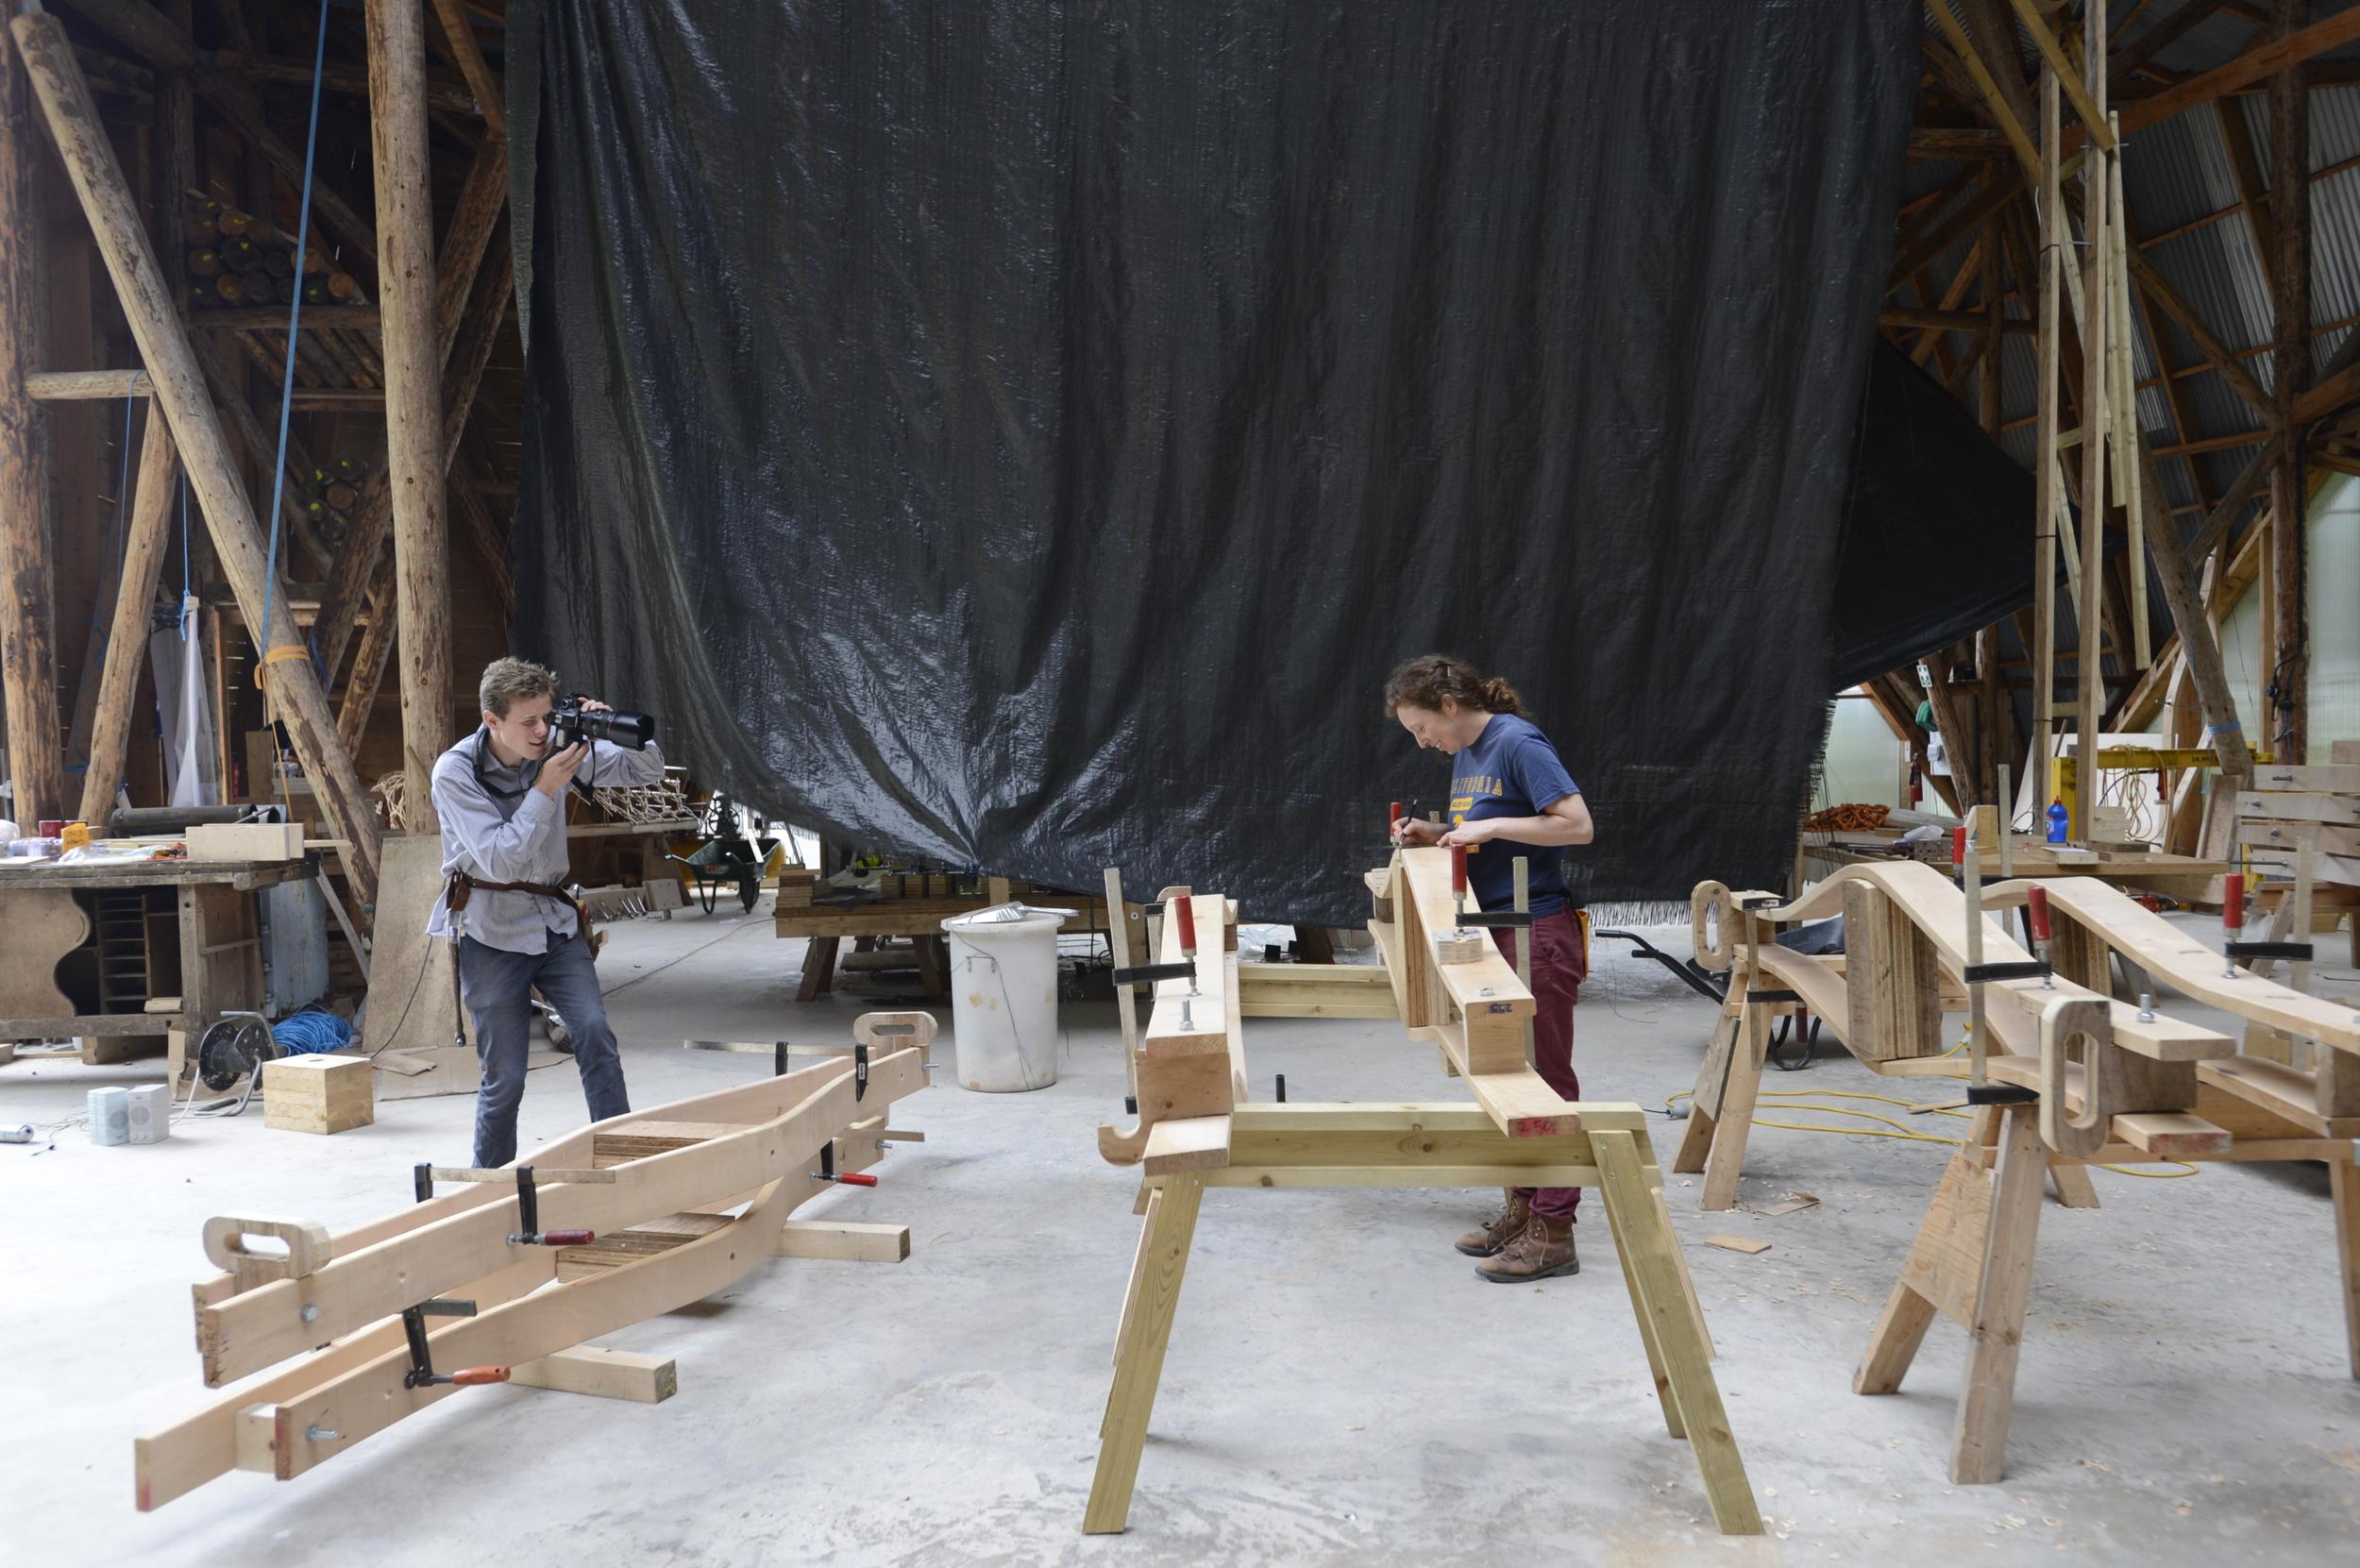 Hooke_Park_Design_&_Make_TSS_bending_wood_VB_2013_08_04_0013.JPG